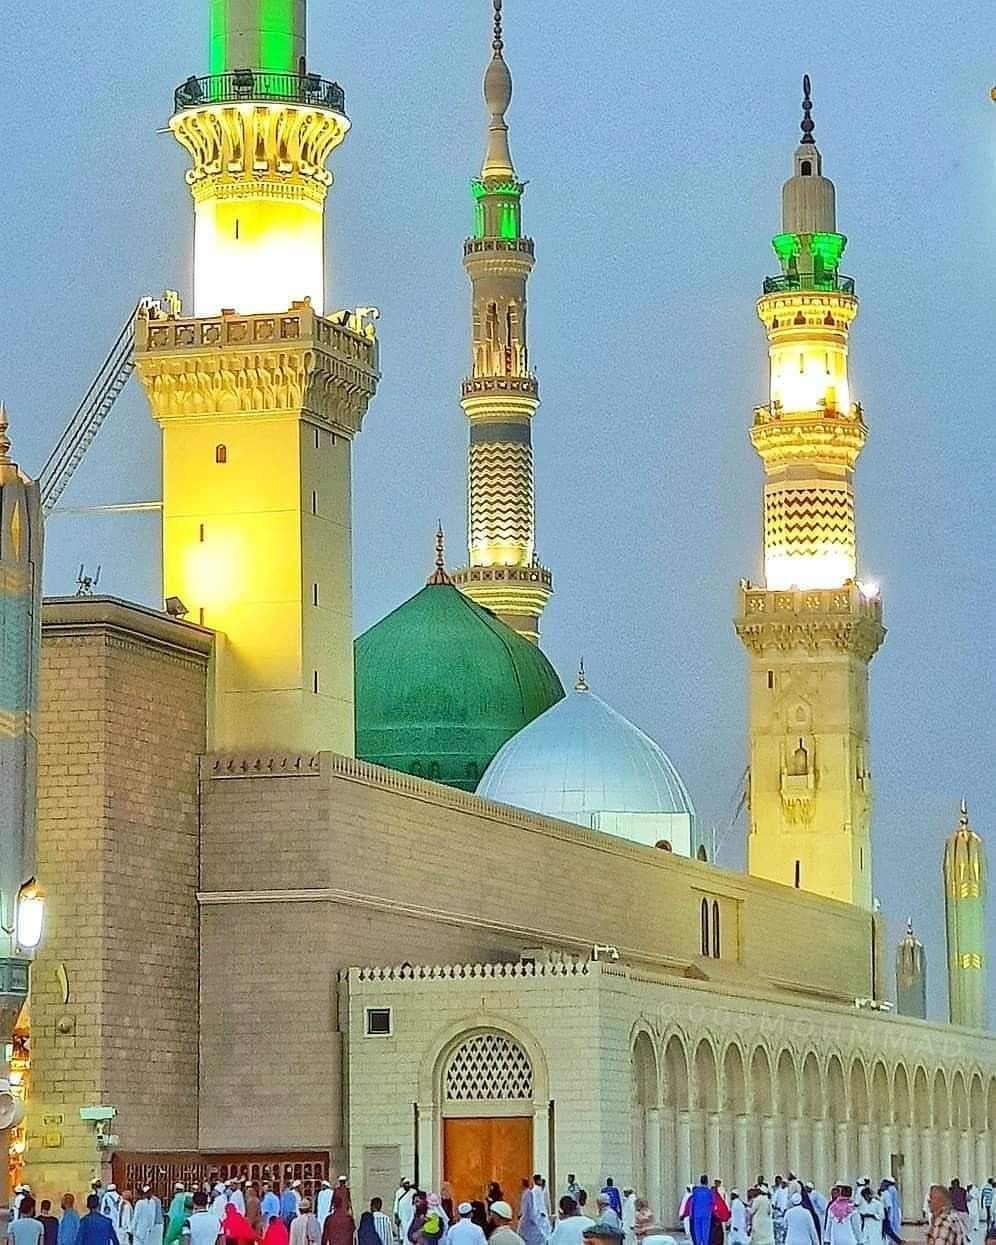 رزقنا الله و إياكم صلاة فجر قريبا فى المسجد النبوى Medina Mosque Al Masjid An Nabawi Madina